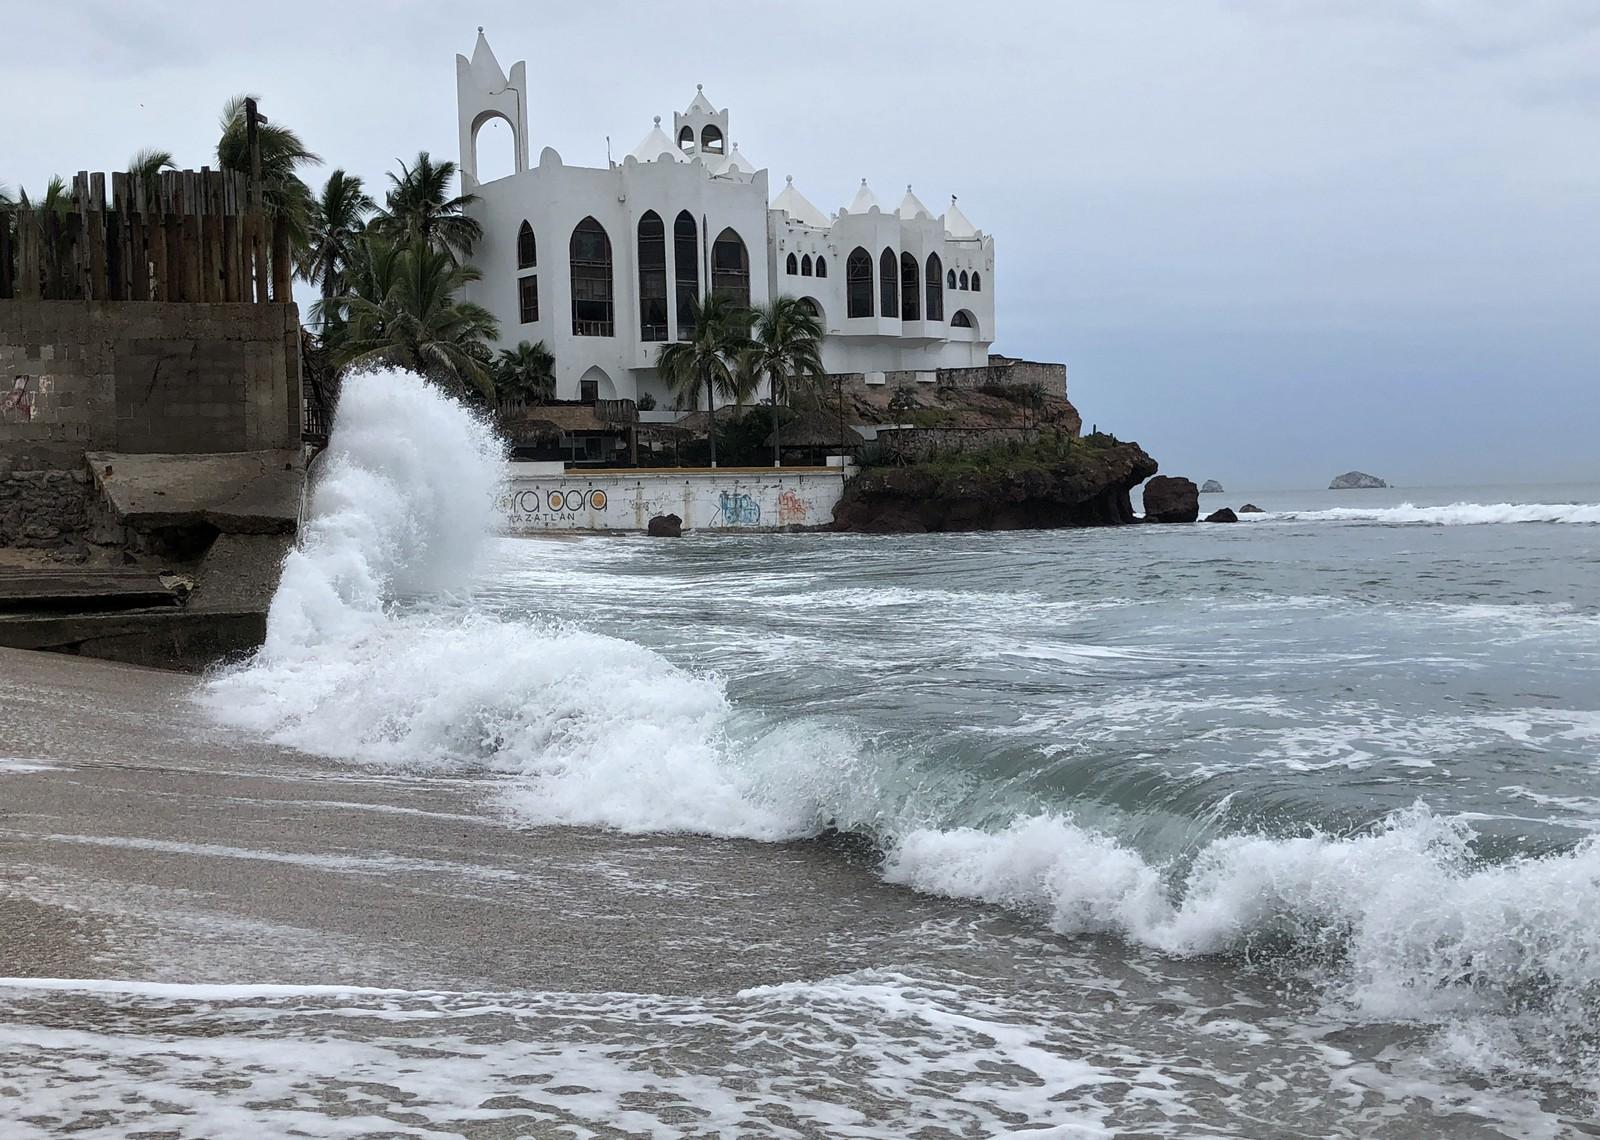 Furacão Willa alcança categoria 5 ao atravessar o Pacífico e se aproximar do México